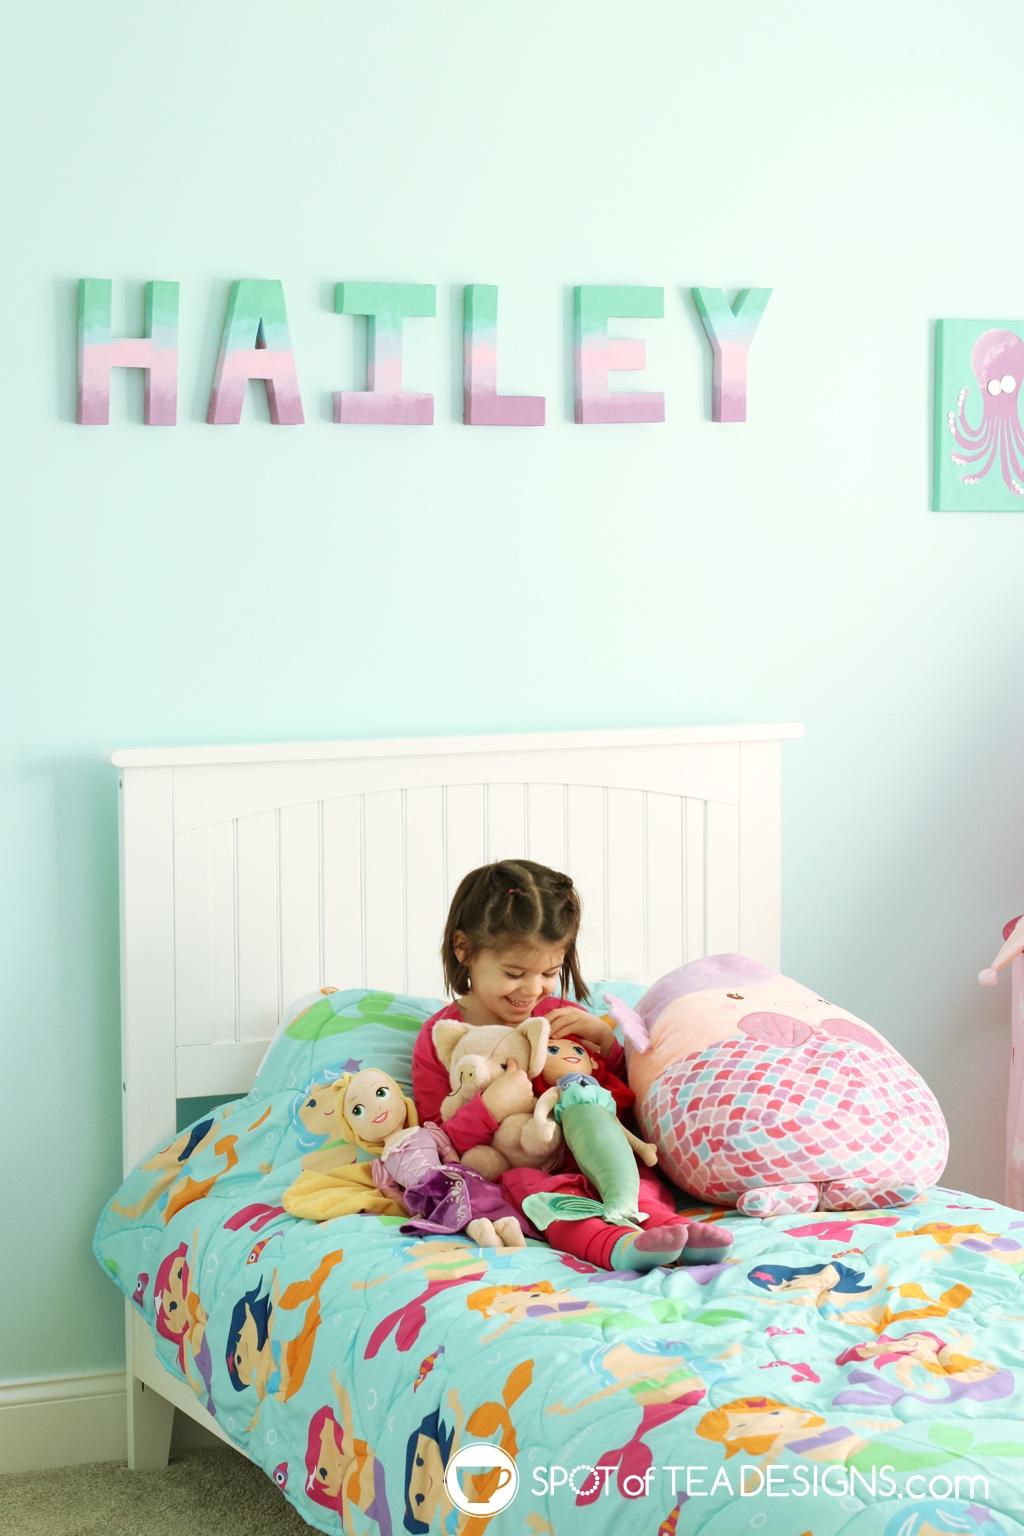 Home Tour - Preschooler's Mermaid Bedroom - mermaid blanket | spotofteadesigns.com